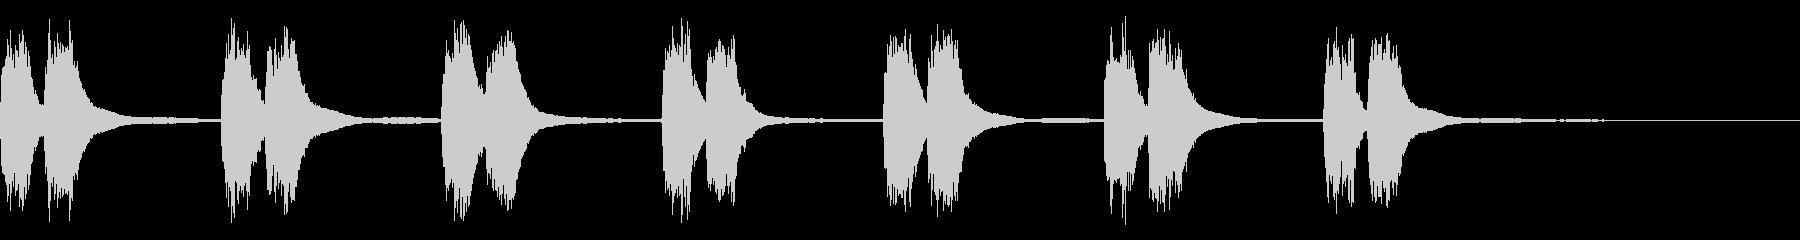 ビンテージ1930年代のベークライ...の未再生の波形